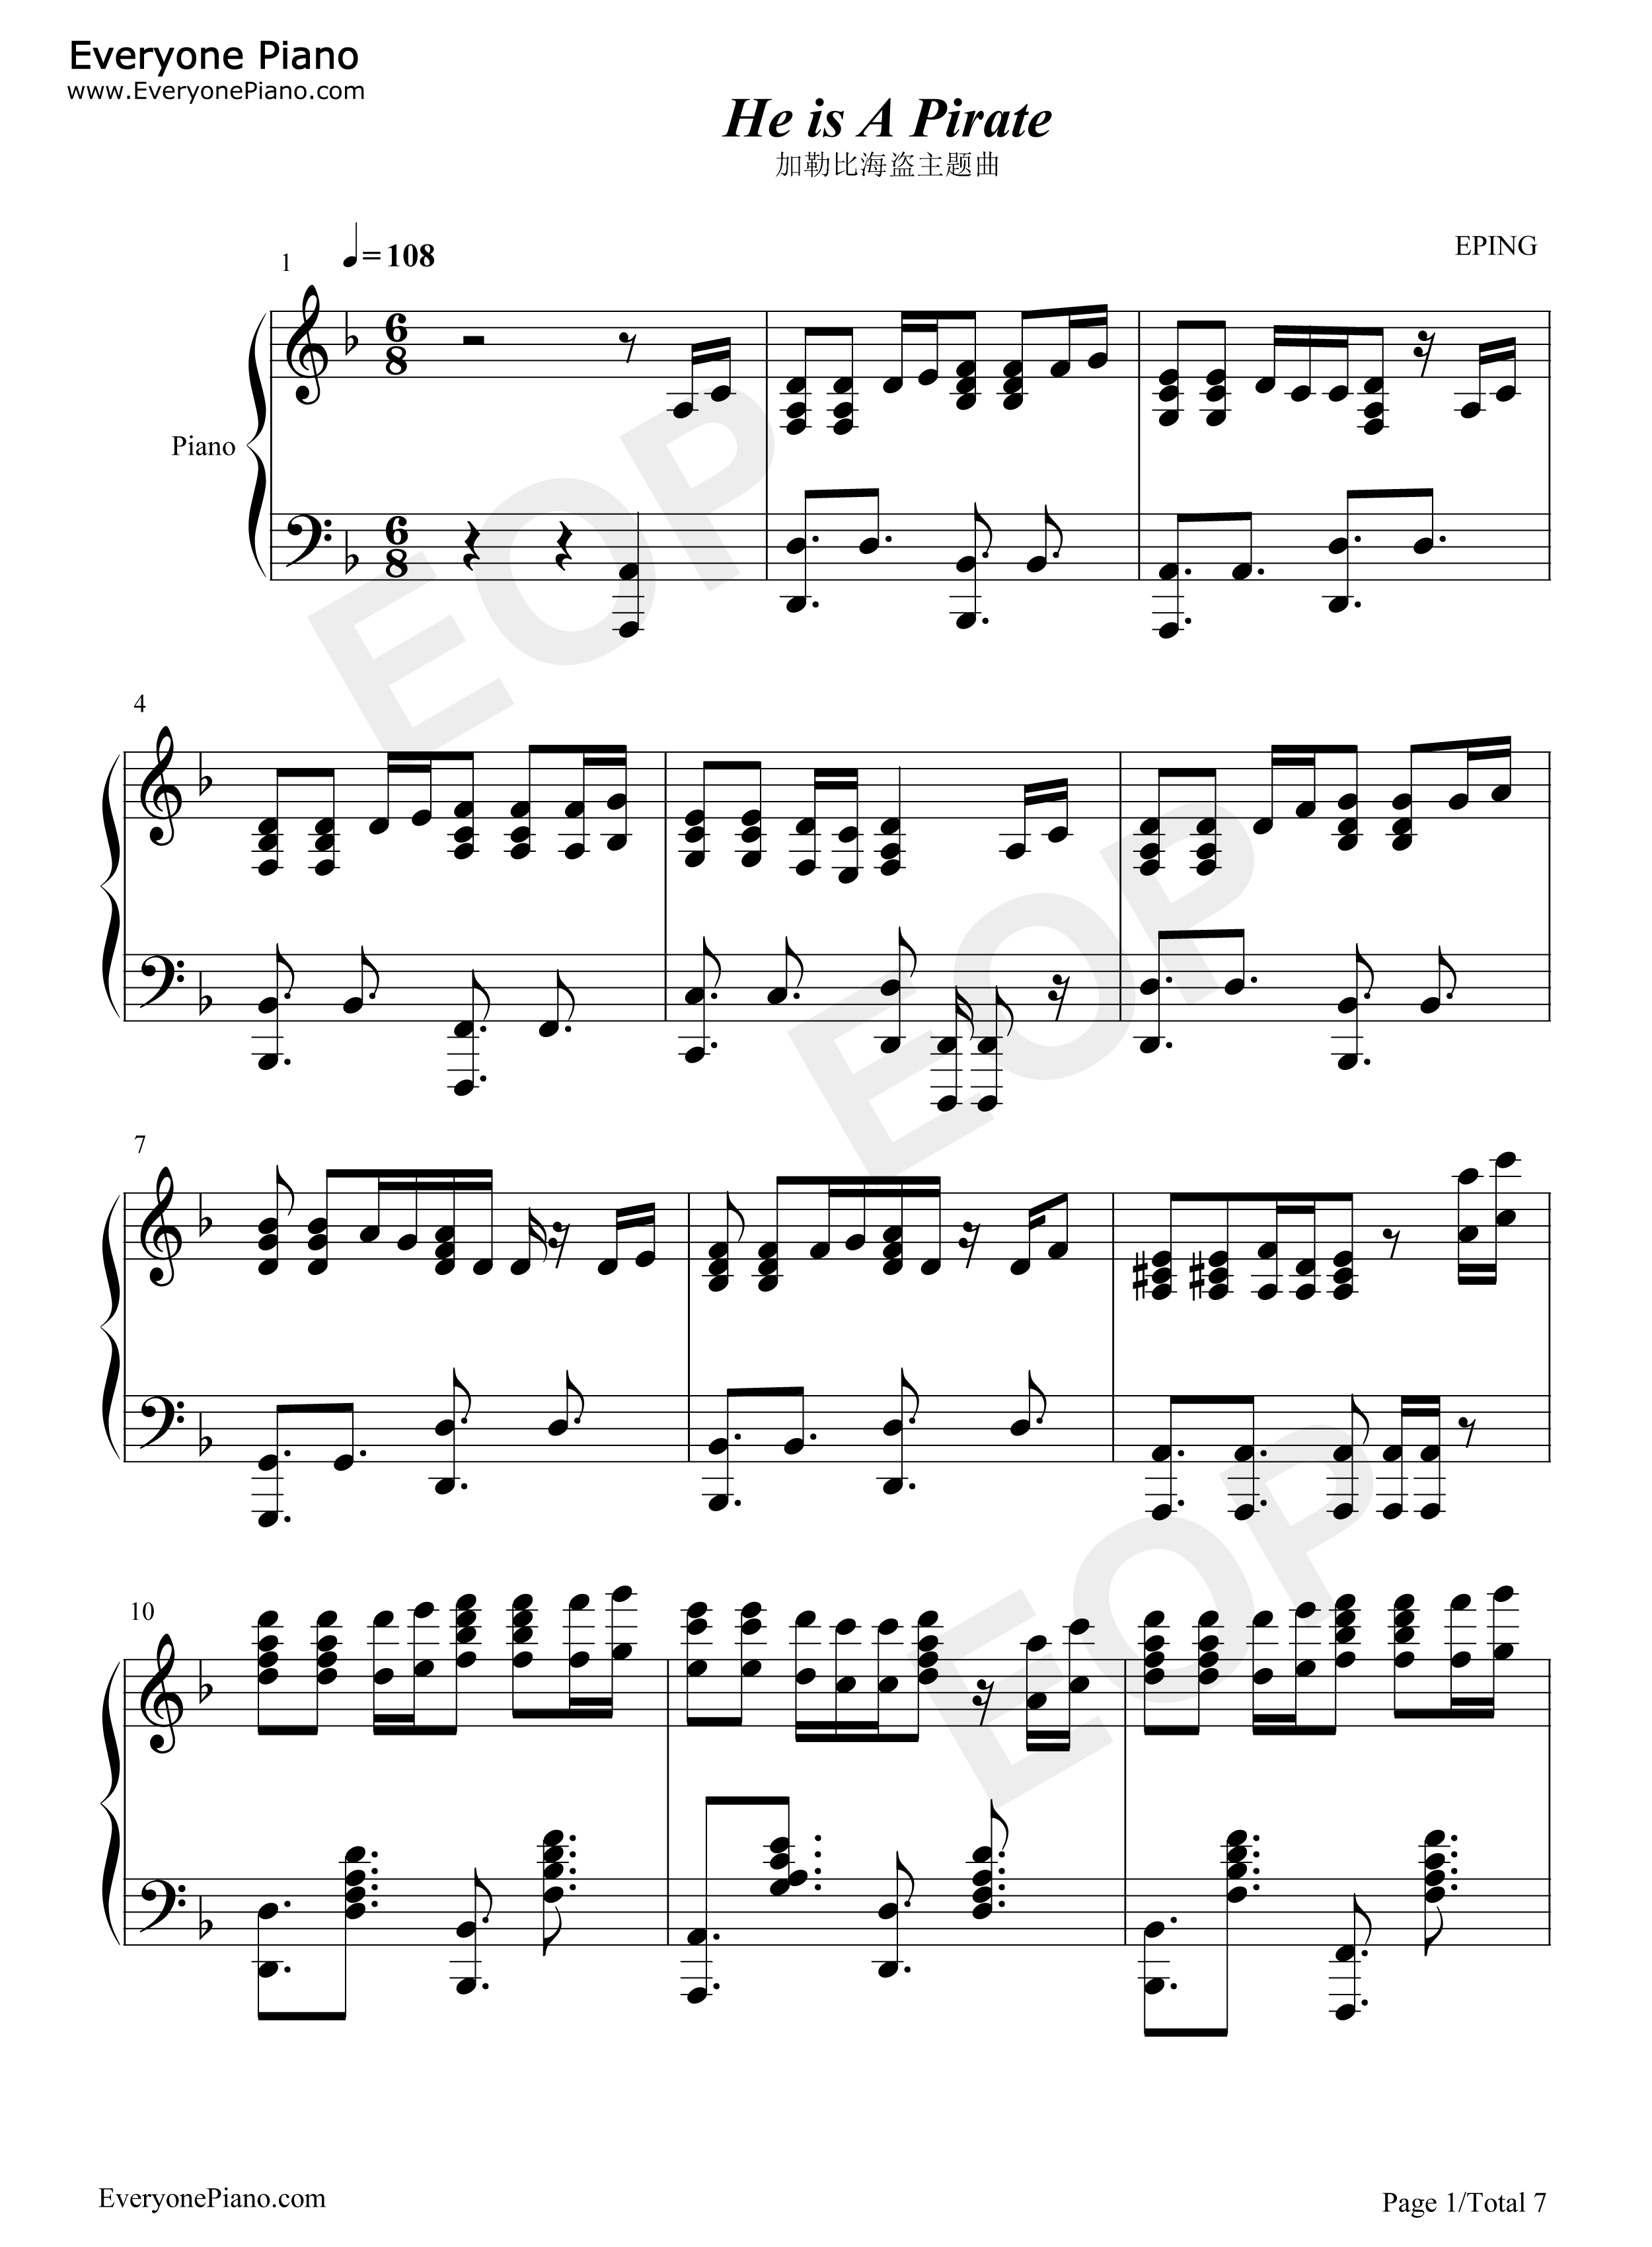 「彼こそが海賊」のピアノ楽譜/※ディズニー